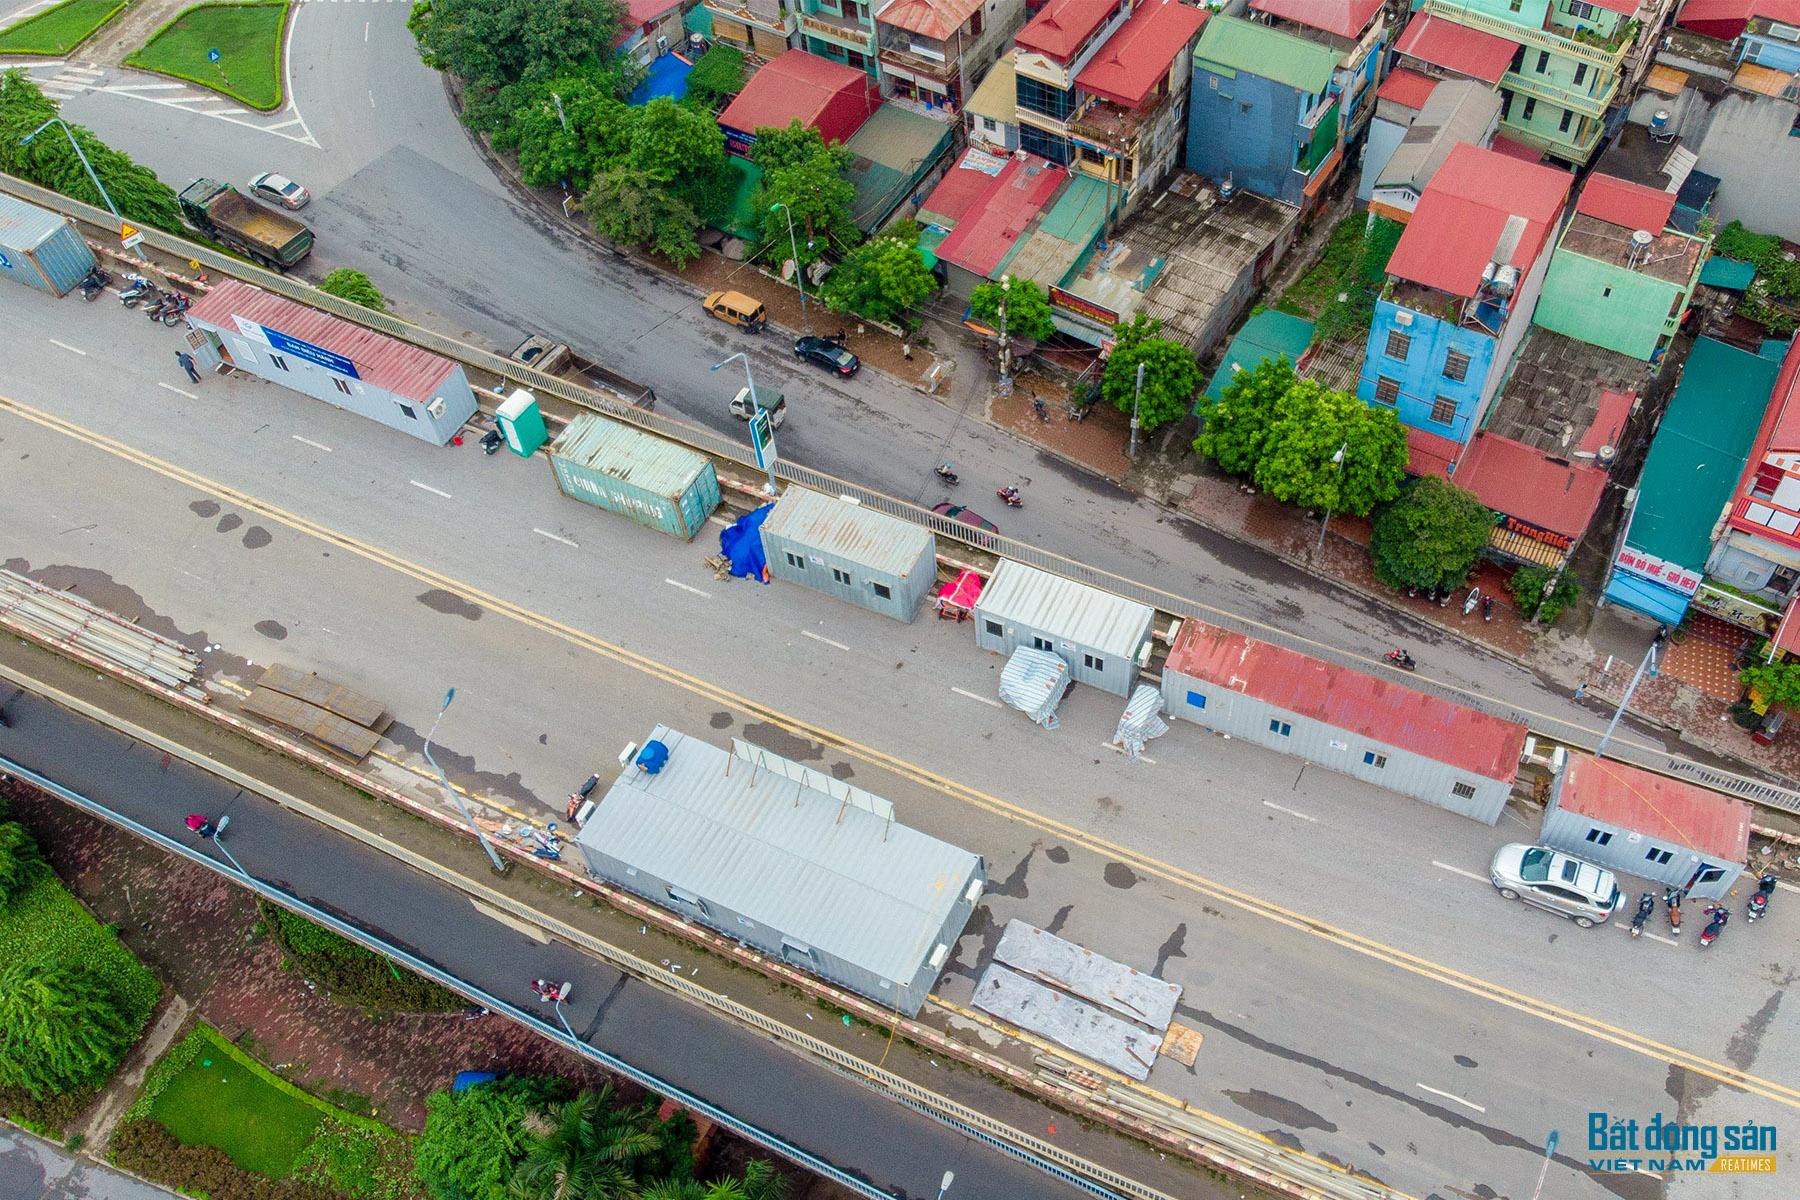 Reatimes_13.png, toàn cảnh dự án sửa cầu Thăng Long